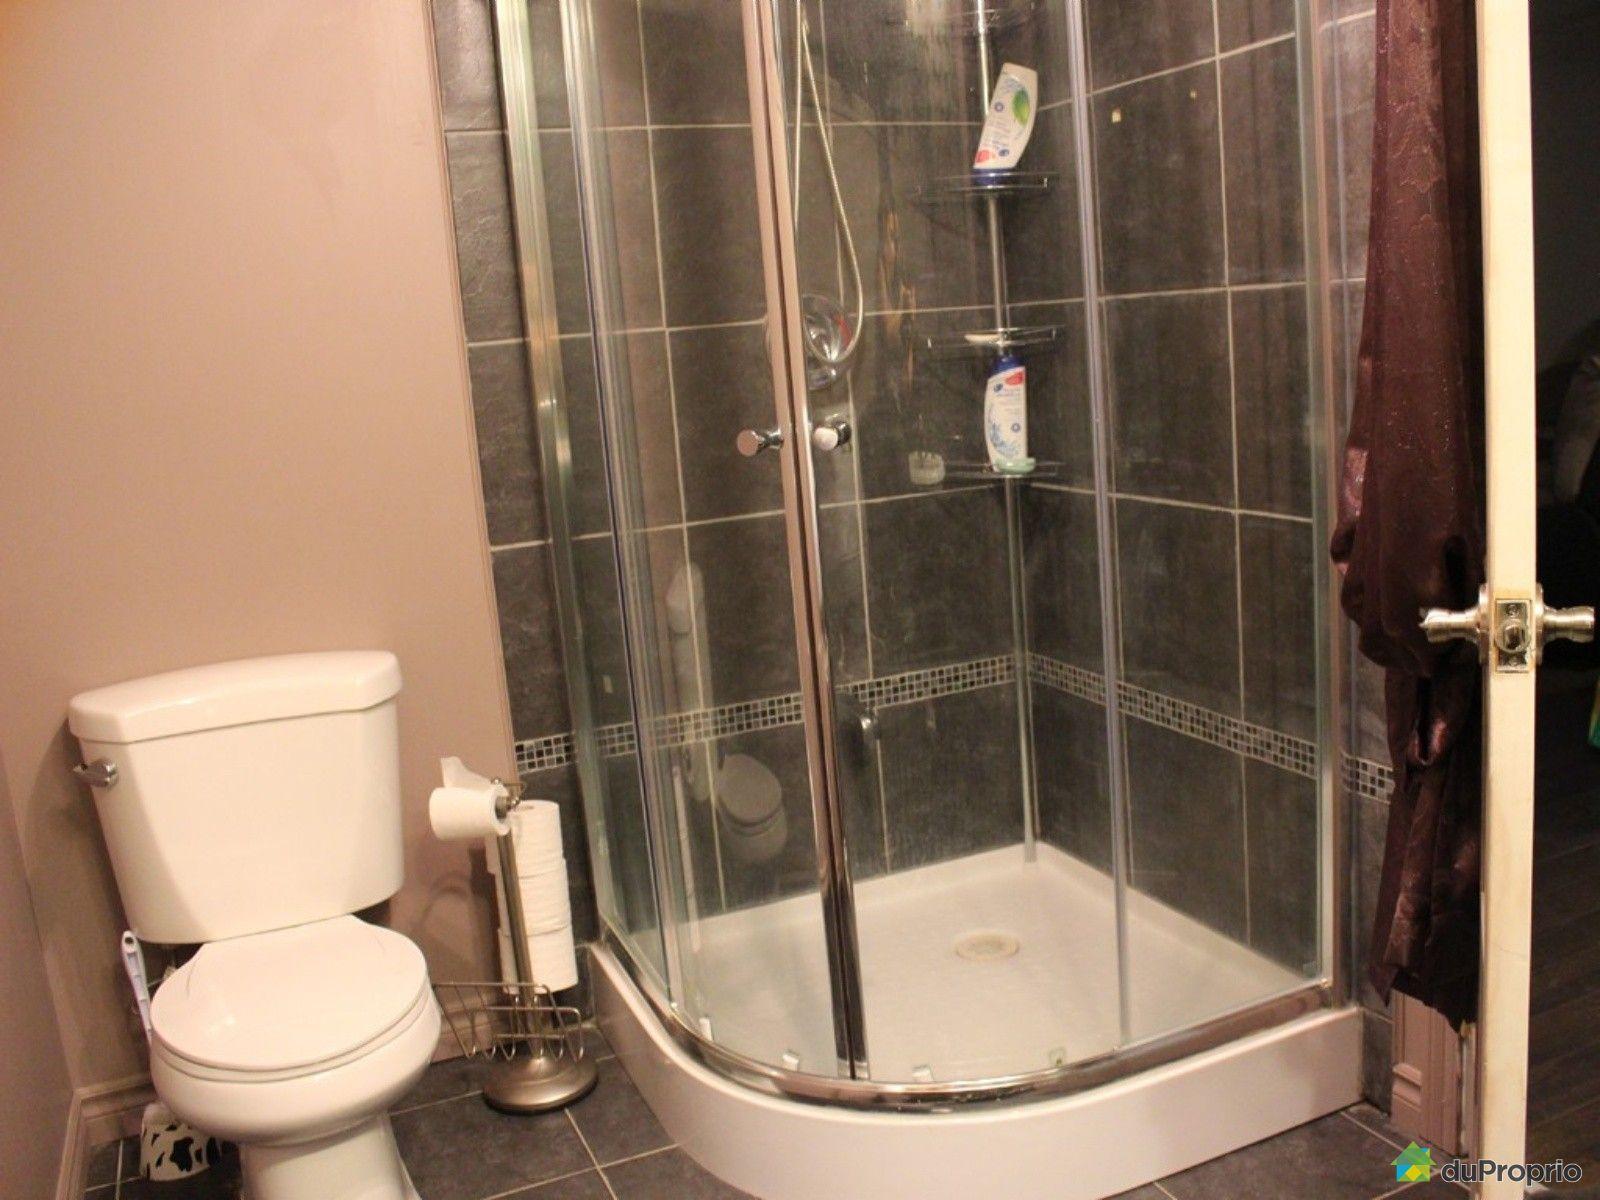 Maison vendre port cartier 28 rue garnier immobilier for Plomberie salle de bain au sous sol